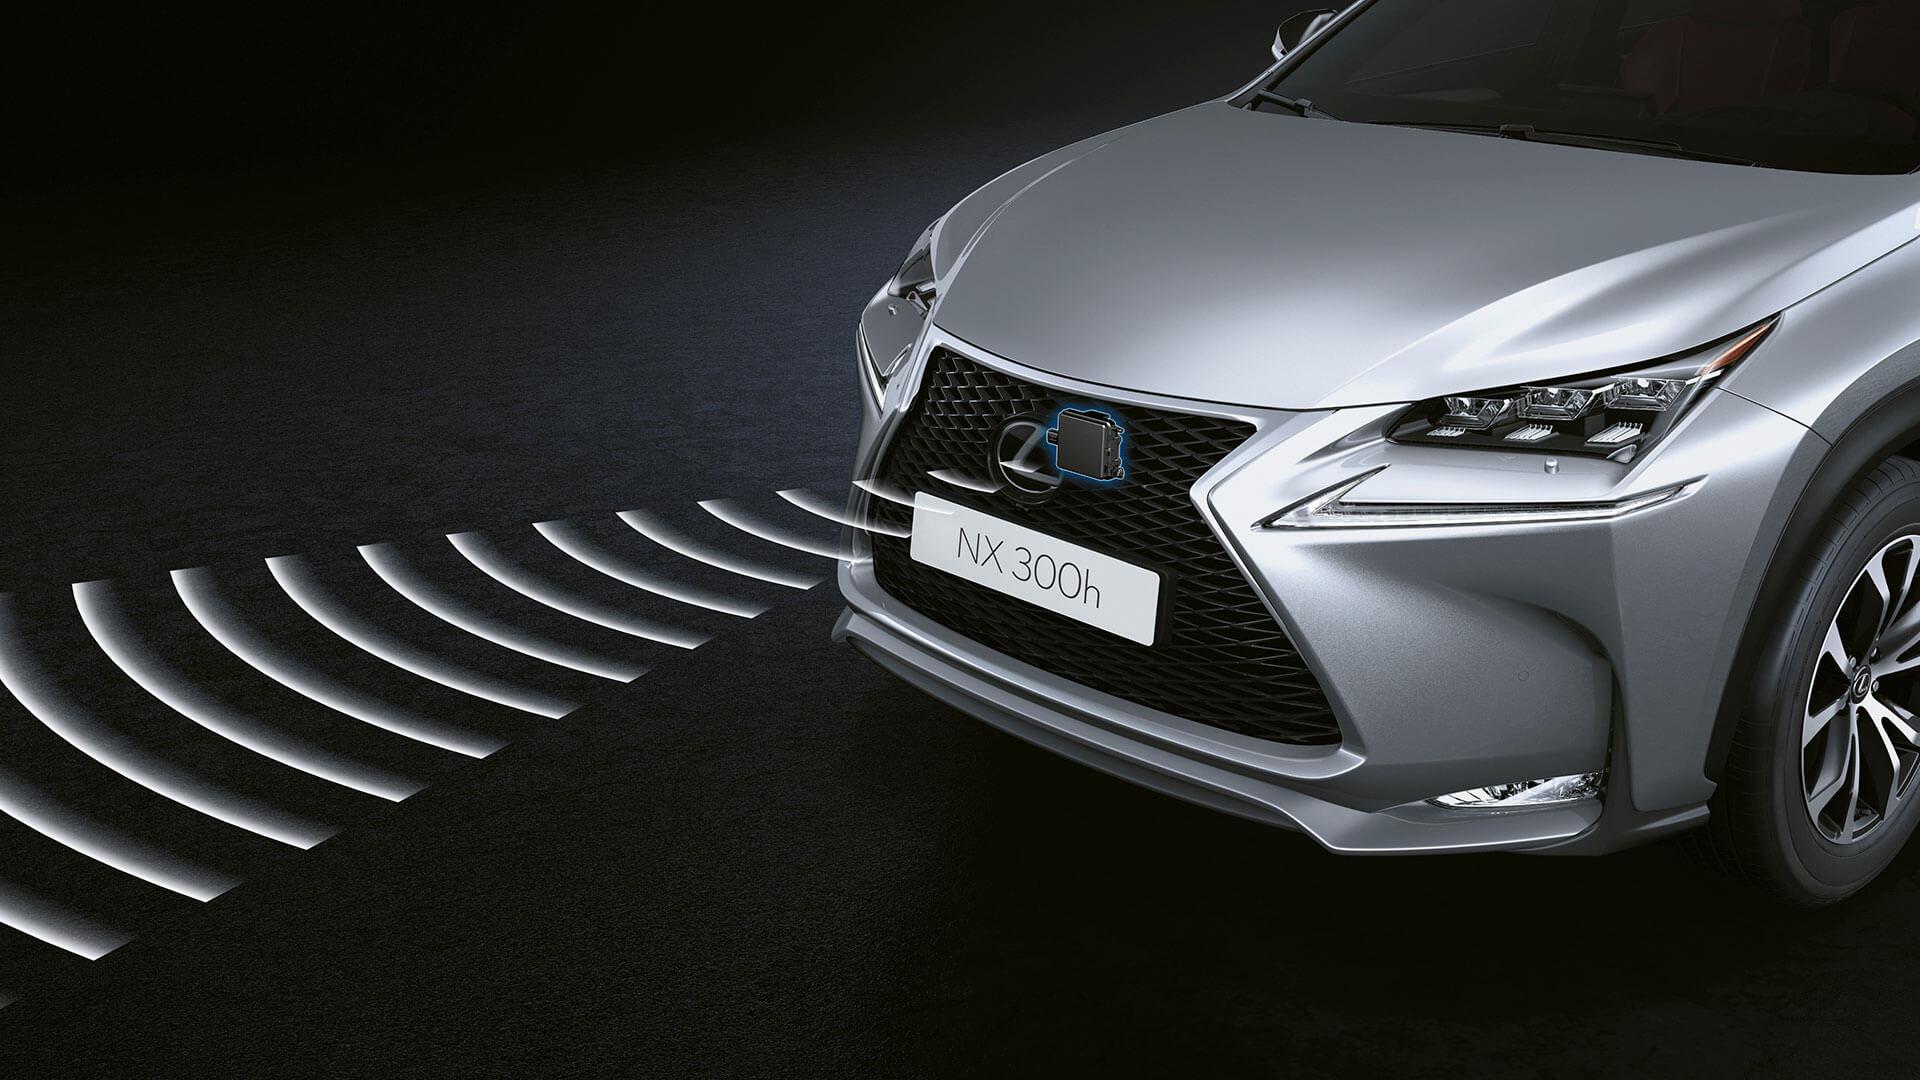 2017 lexus nx 300h features pre crash safety